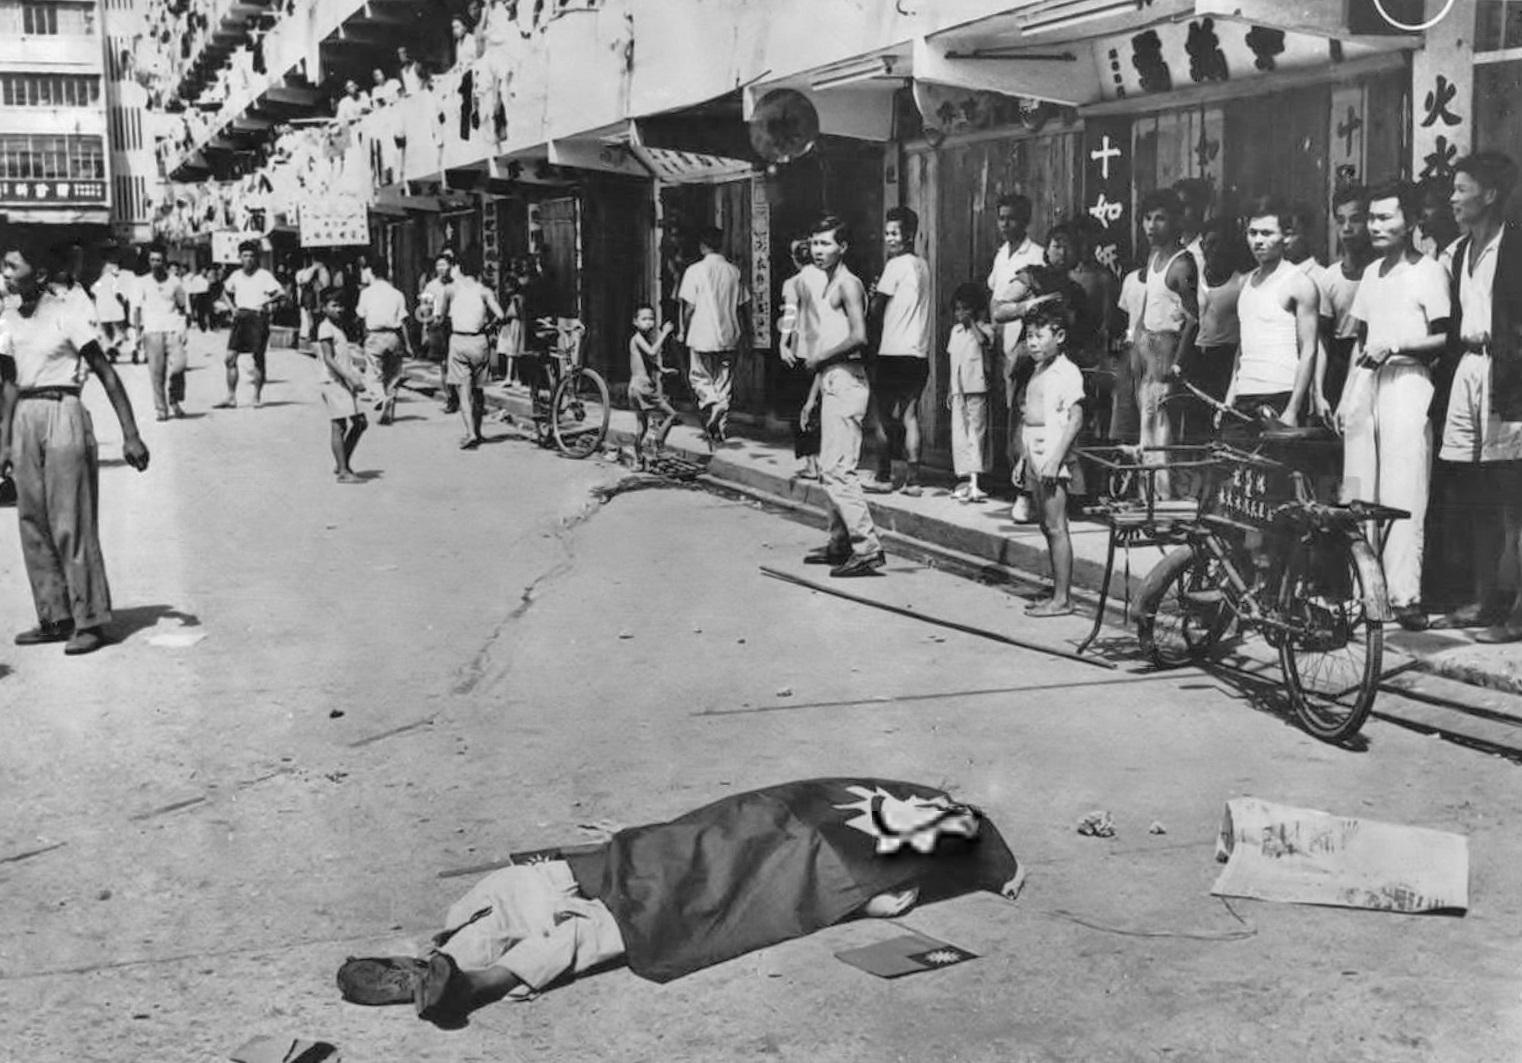 四零後: 六十年前的今天, 亂世狀況的香江